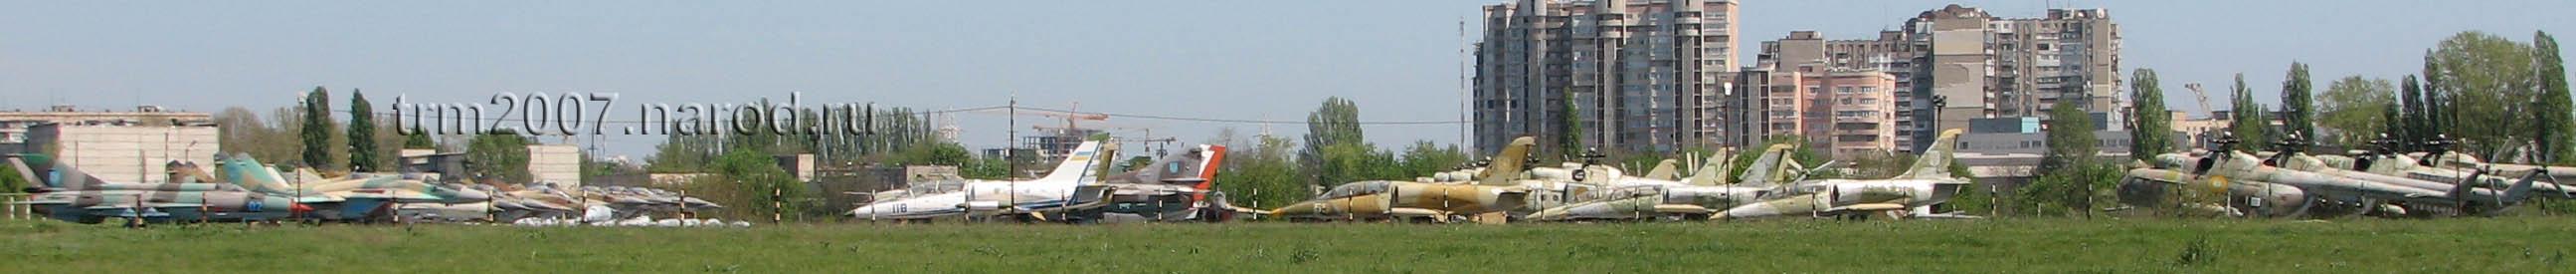 Кладбище самолетов Л-39, МИГ-21, МИГ-25, МИГ-29, СУ-27 на Одесском Школьном аэродроме